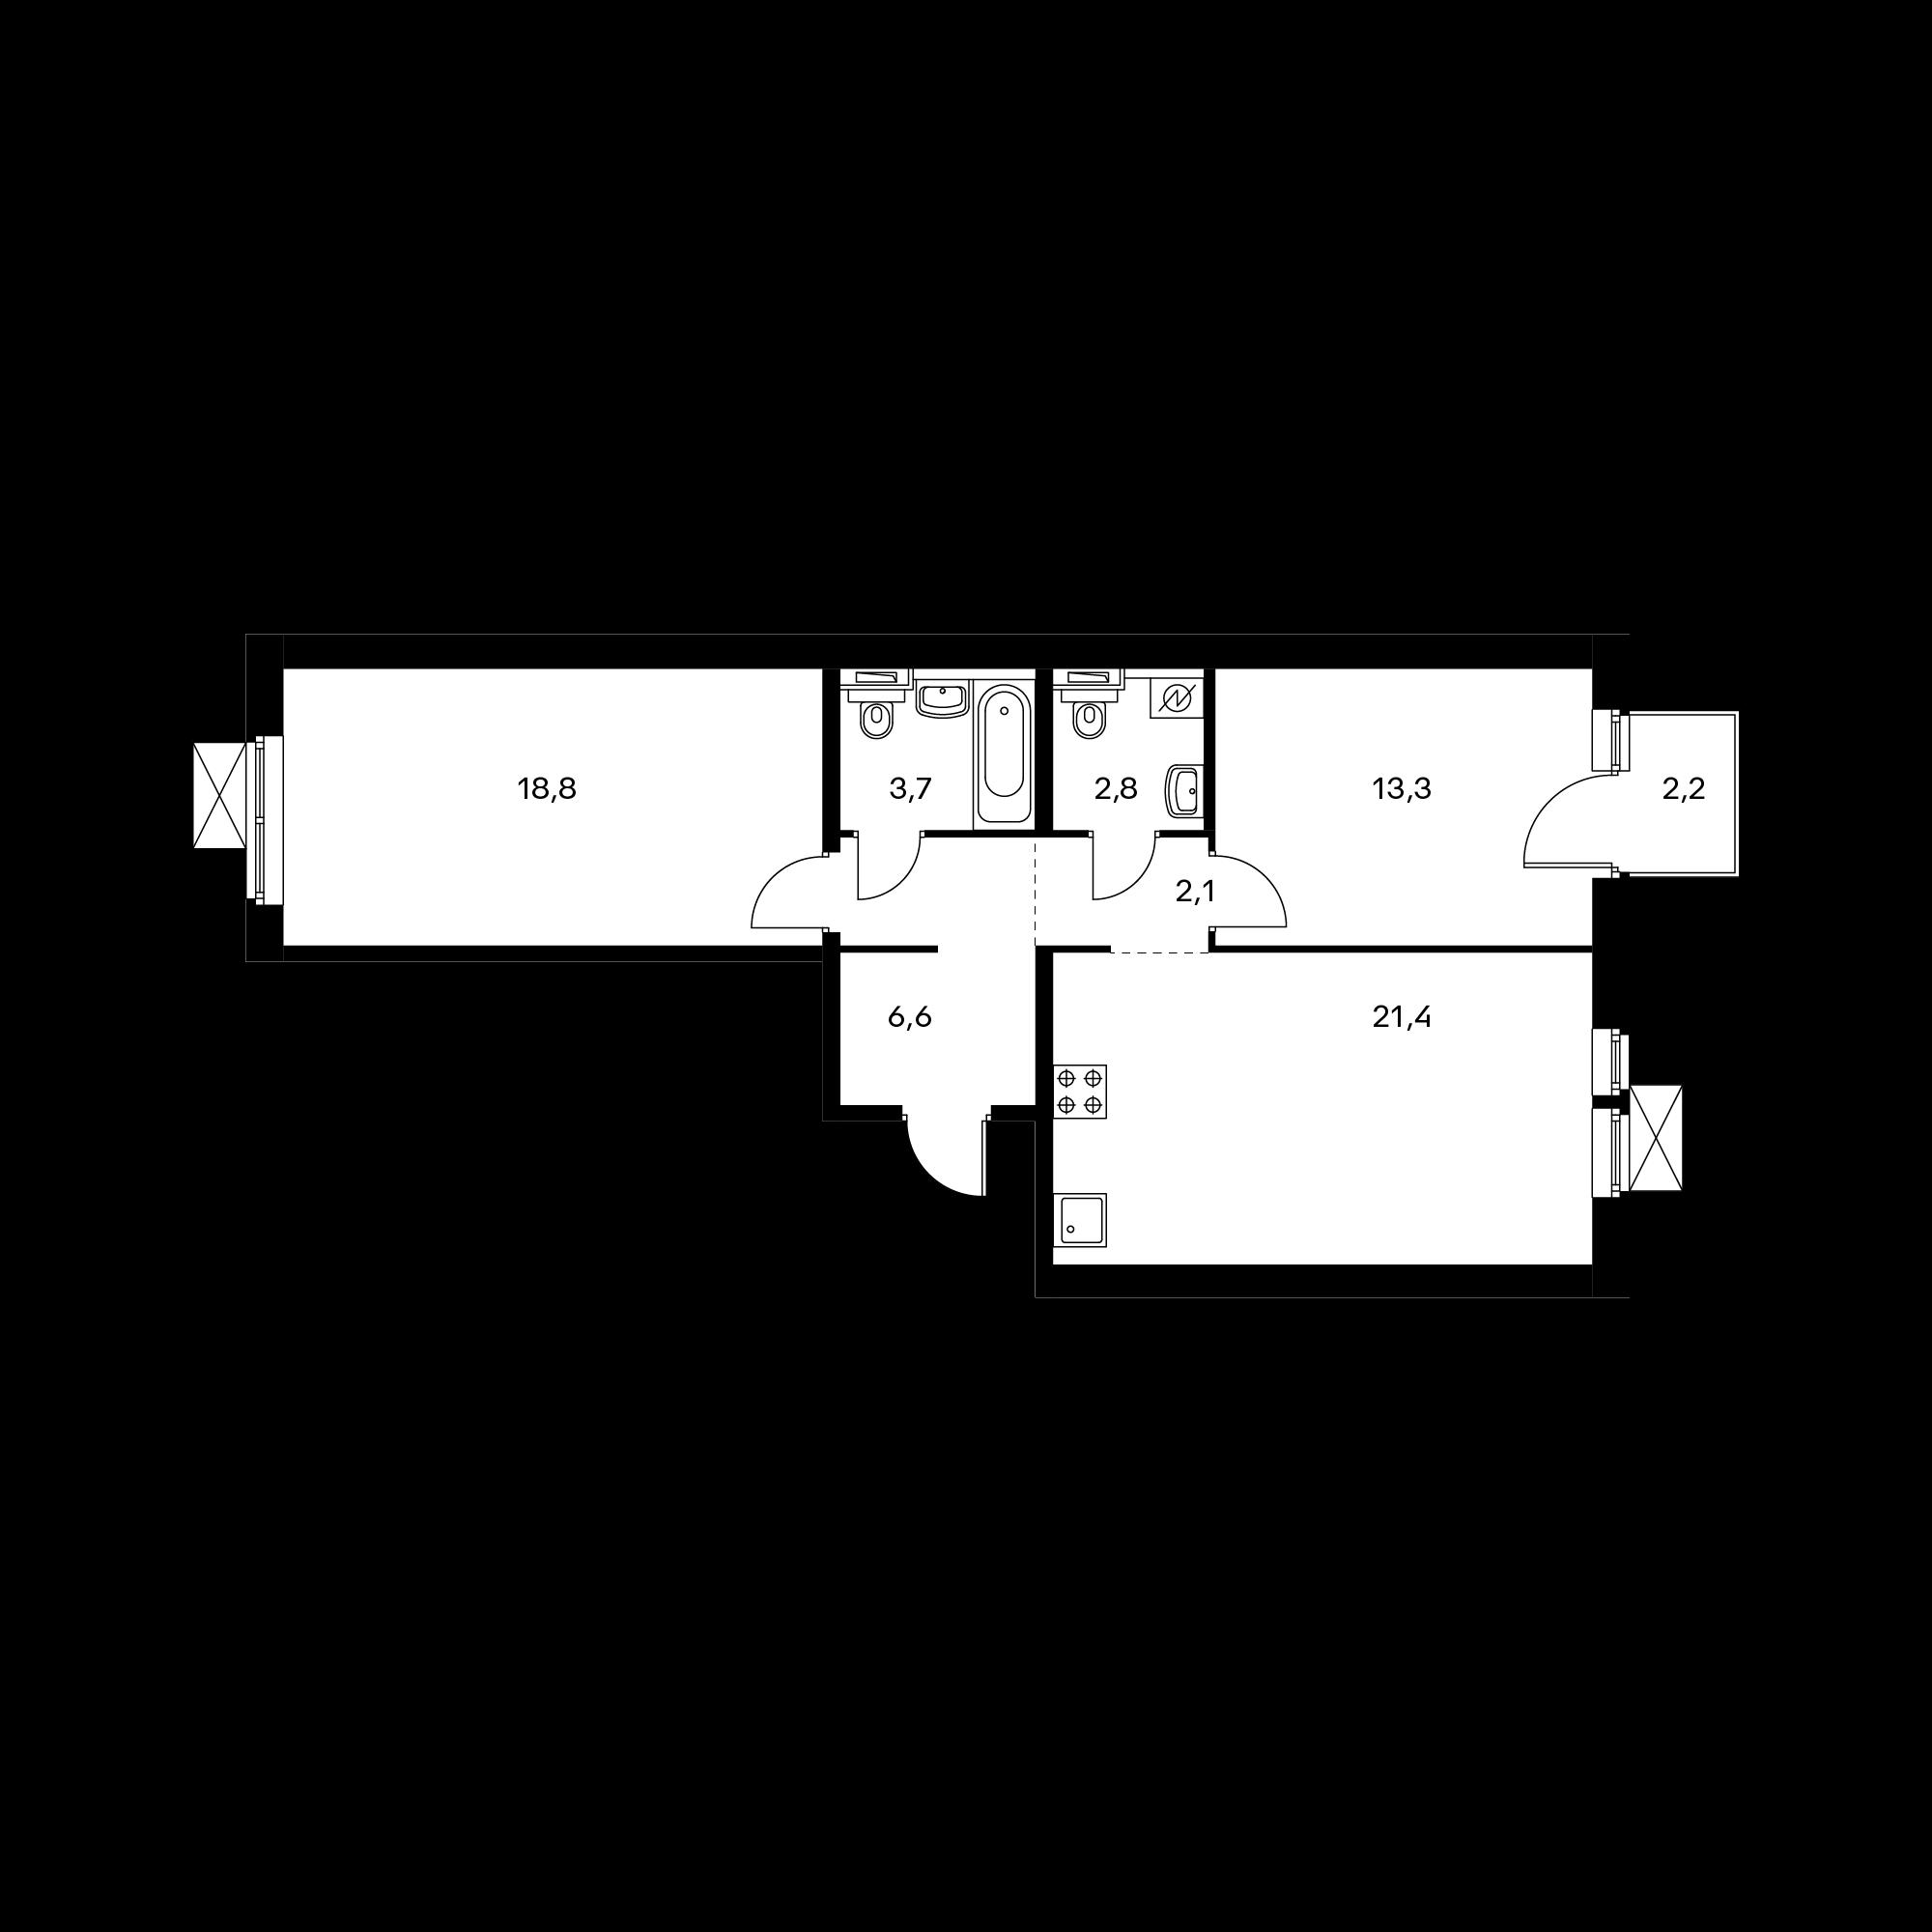 2EL3_6.9-1_B(2,2)_1